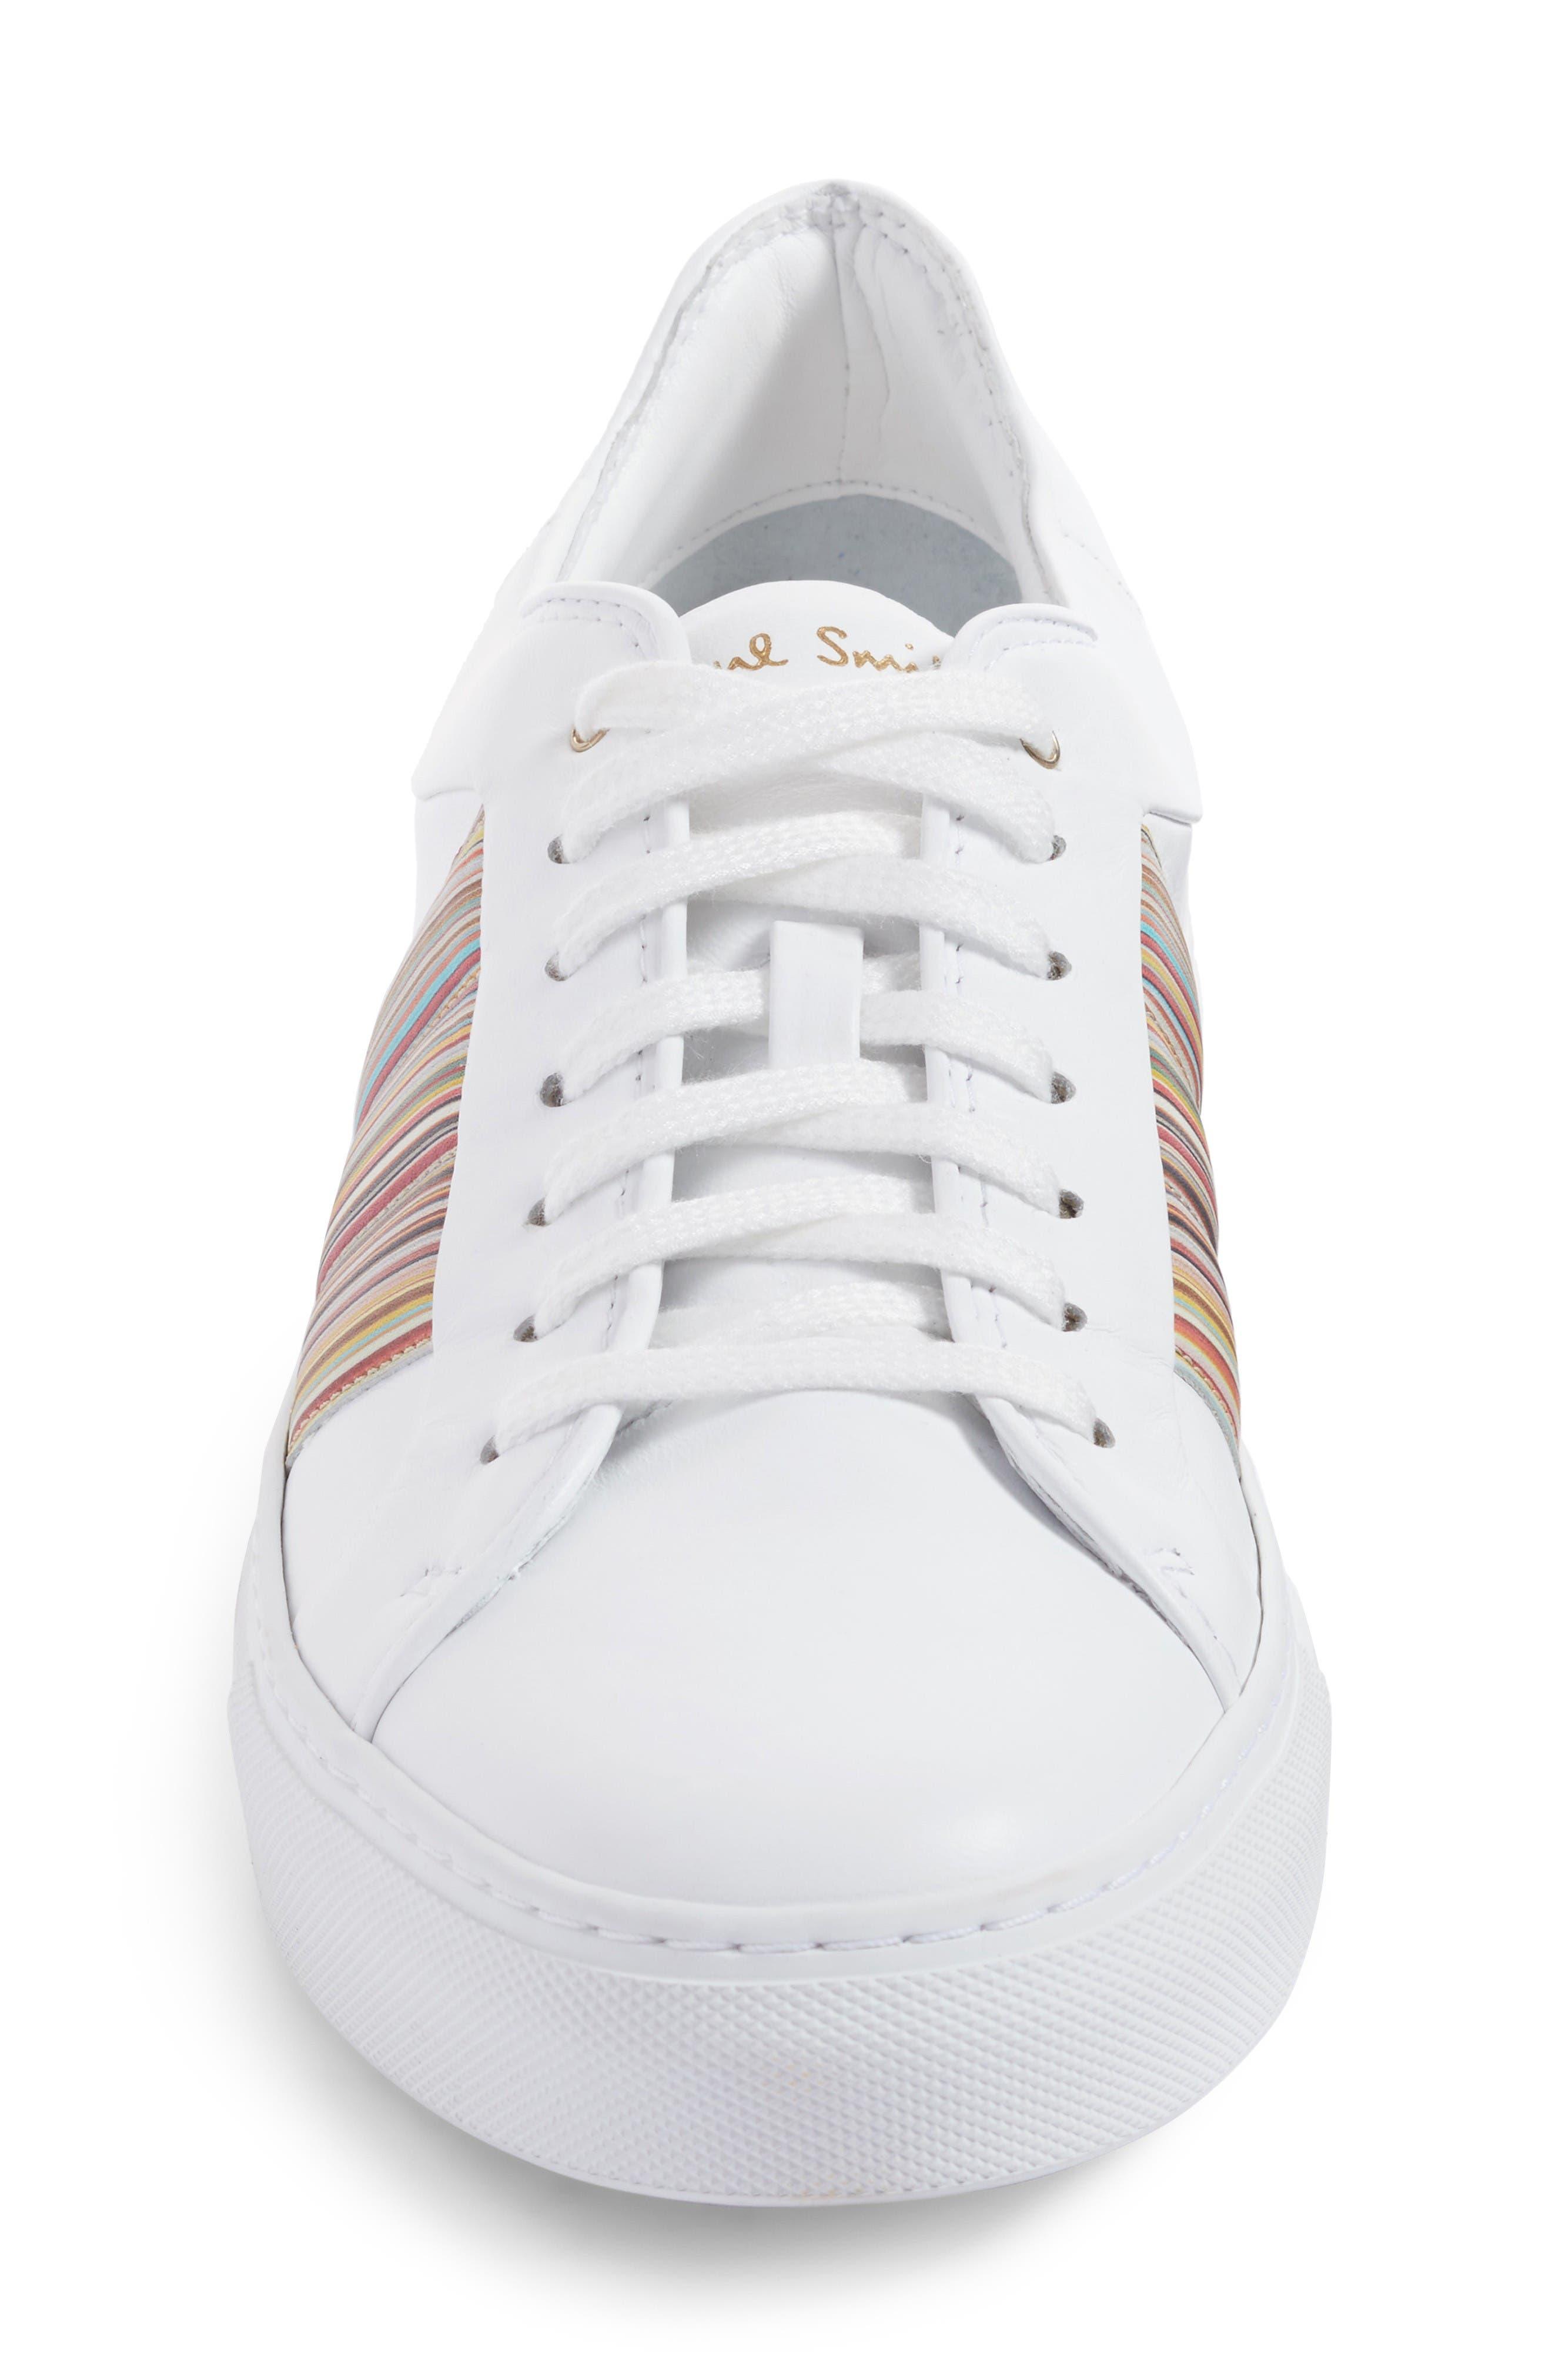 Ivo Sneaker,                             Alternate thumbnail 4, color,                             White